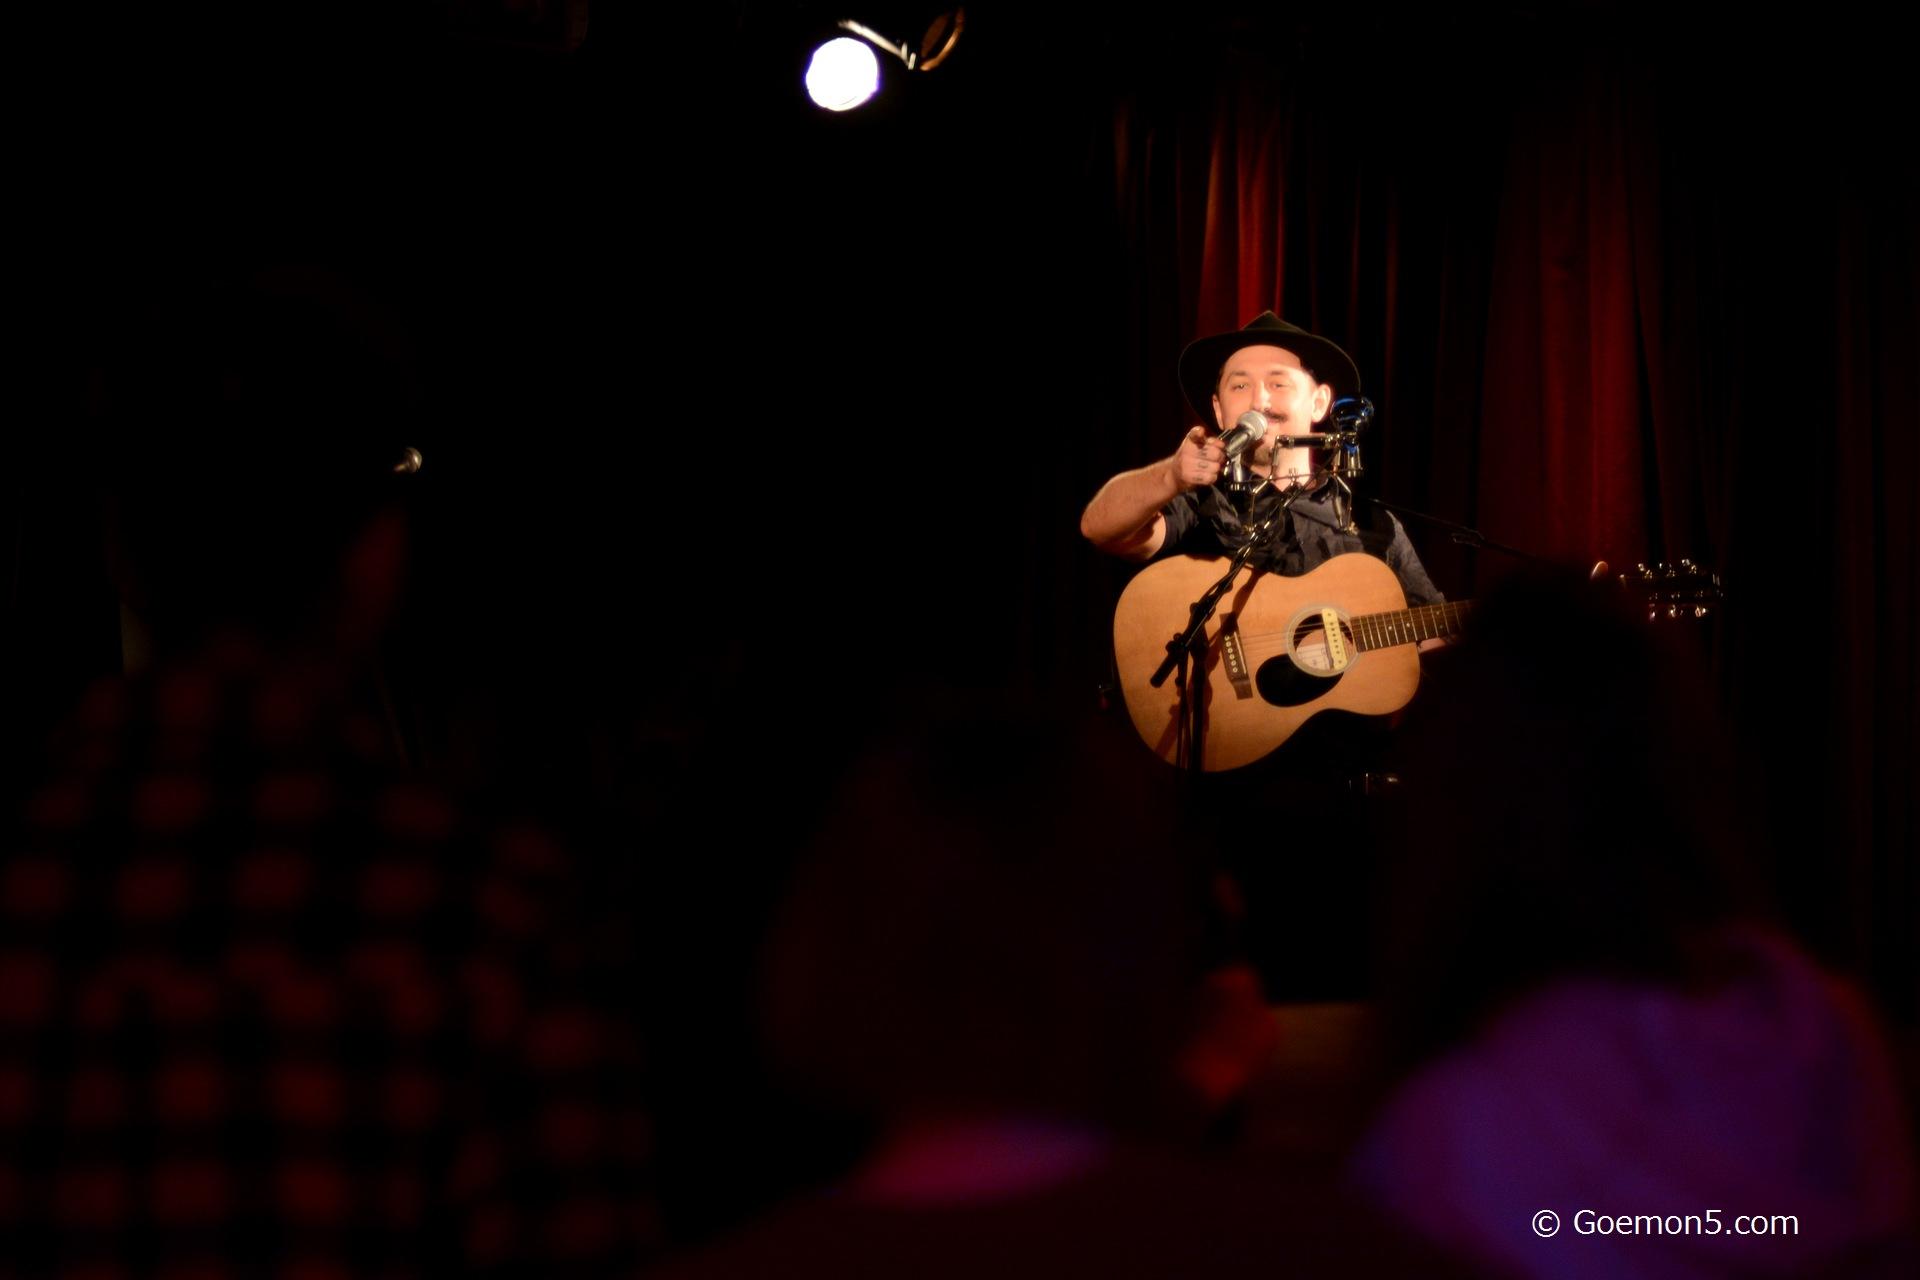 Sasha Boole at Parkclub 01